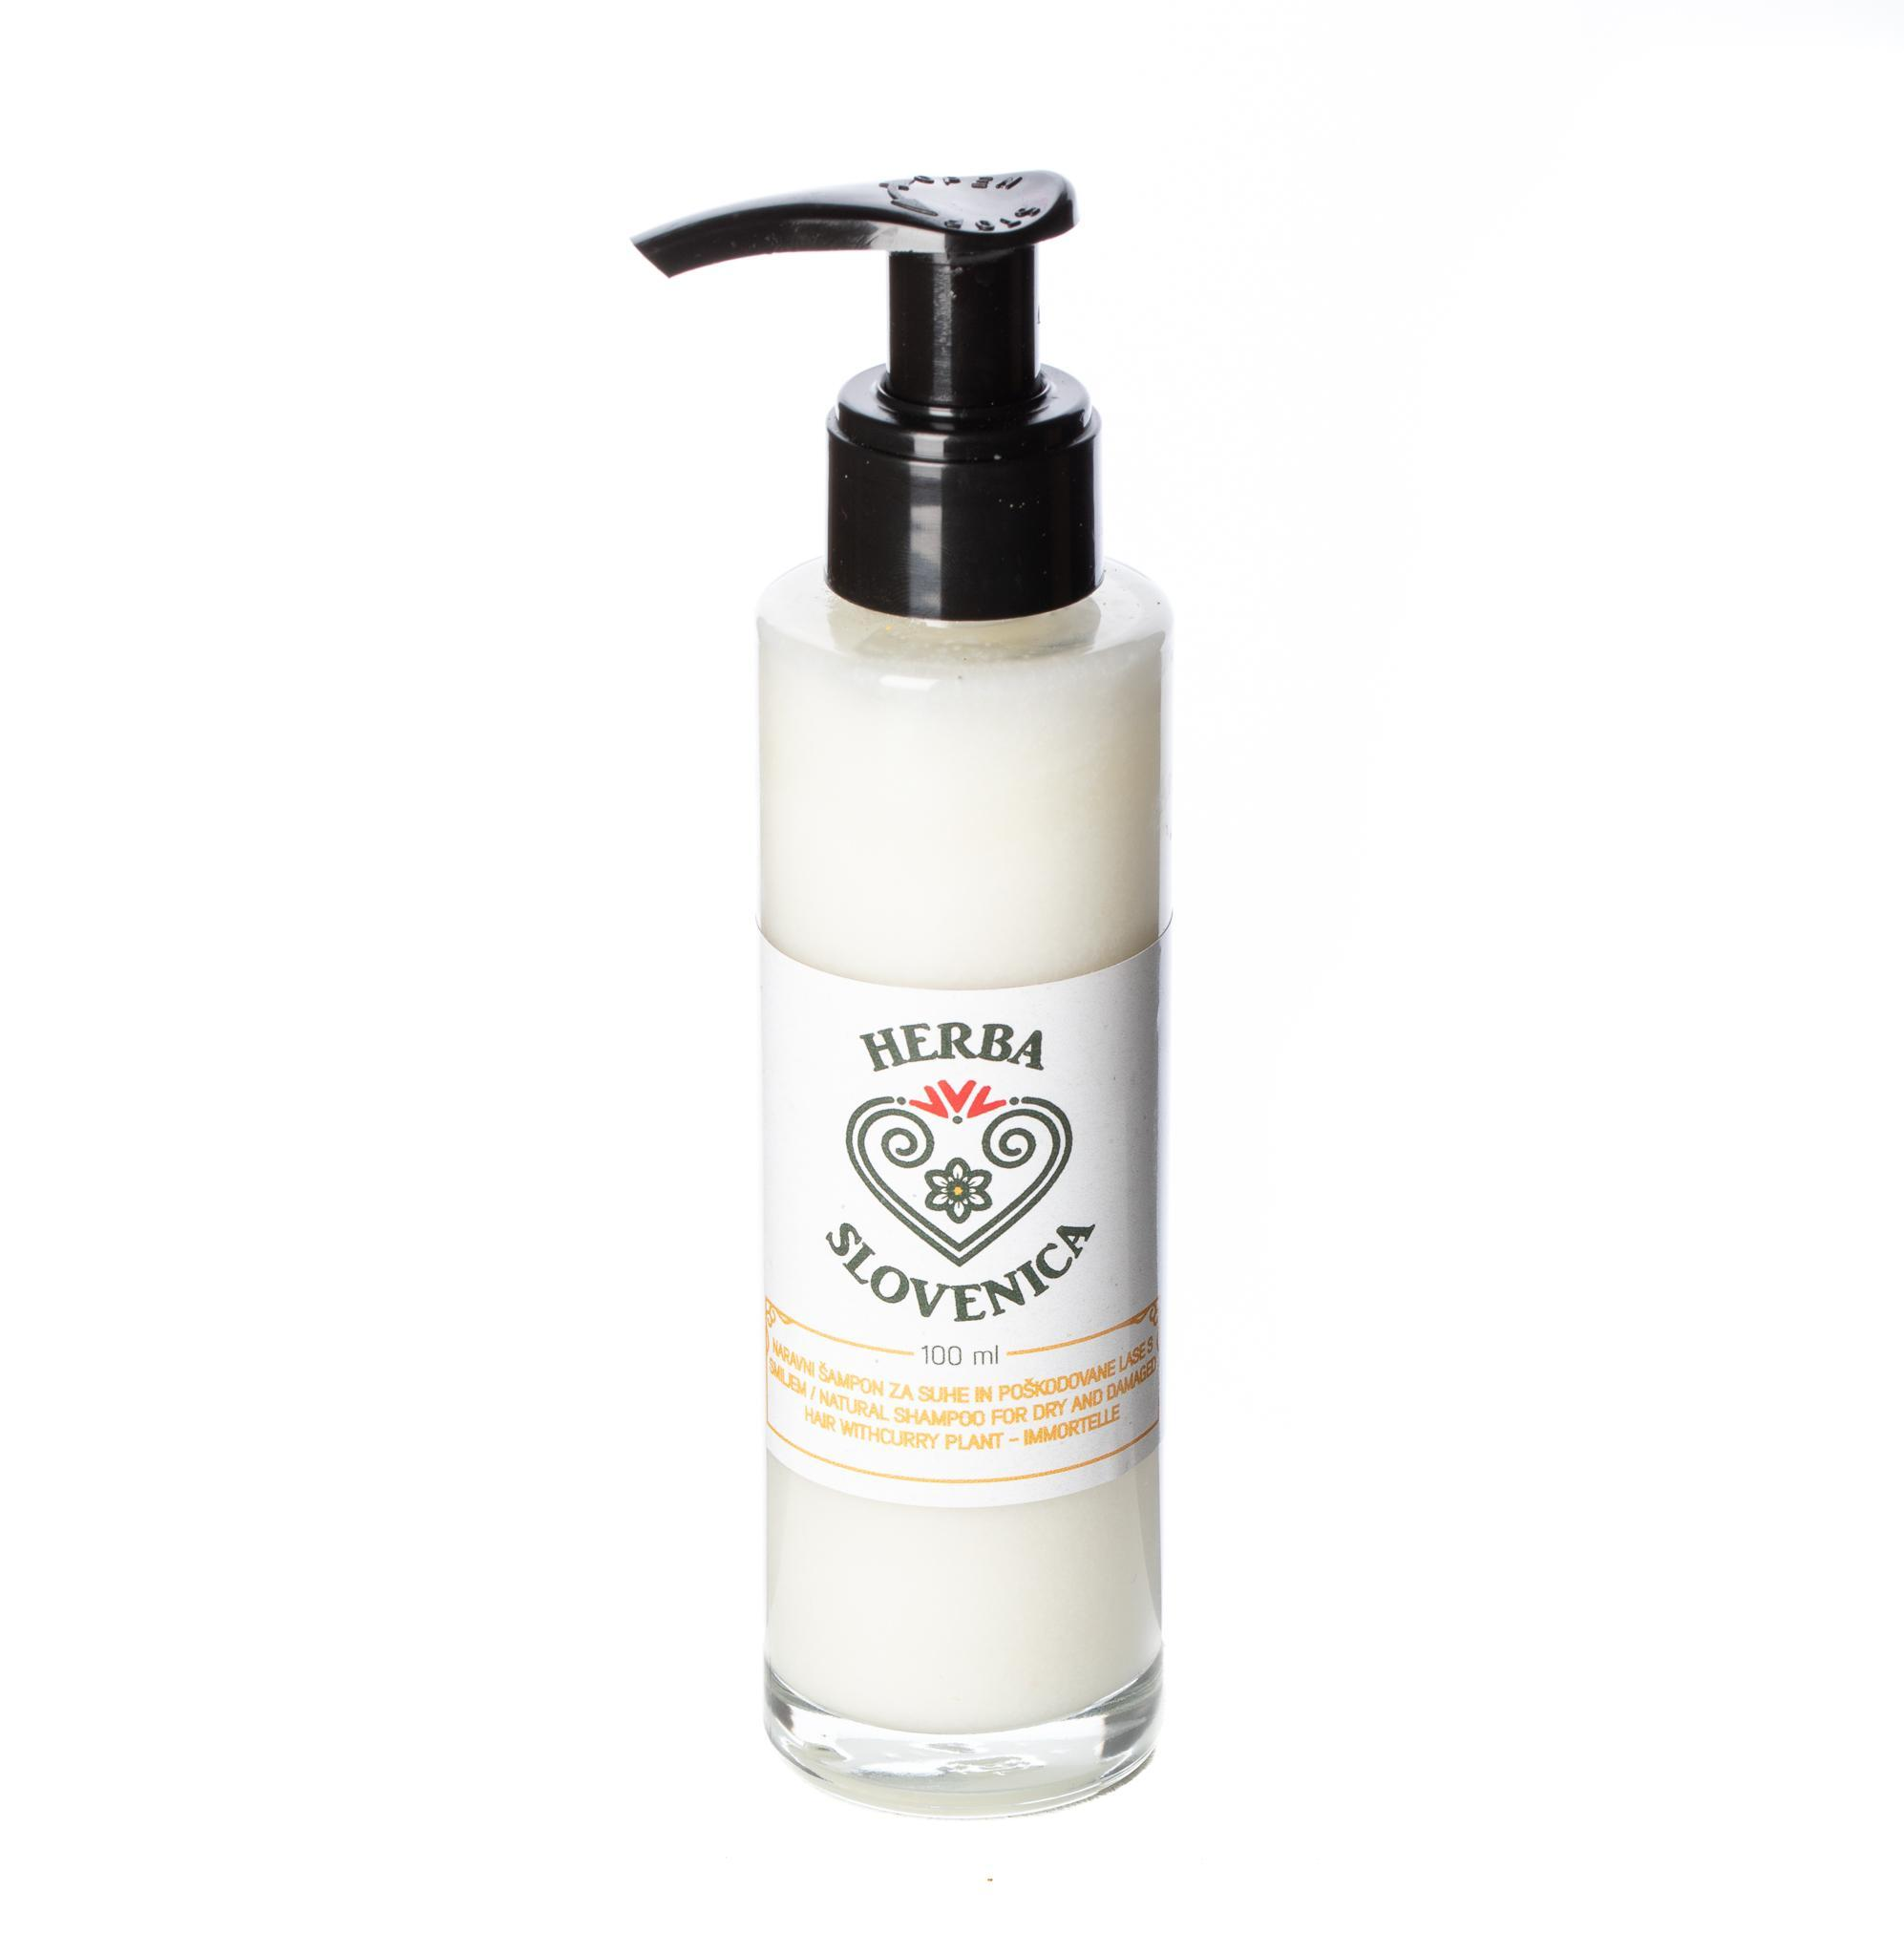 Herba Slovenica Naravni šampon za suhe in poškodovane lase s smiljem